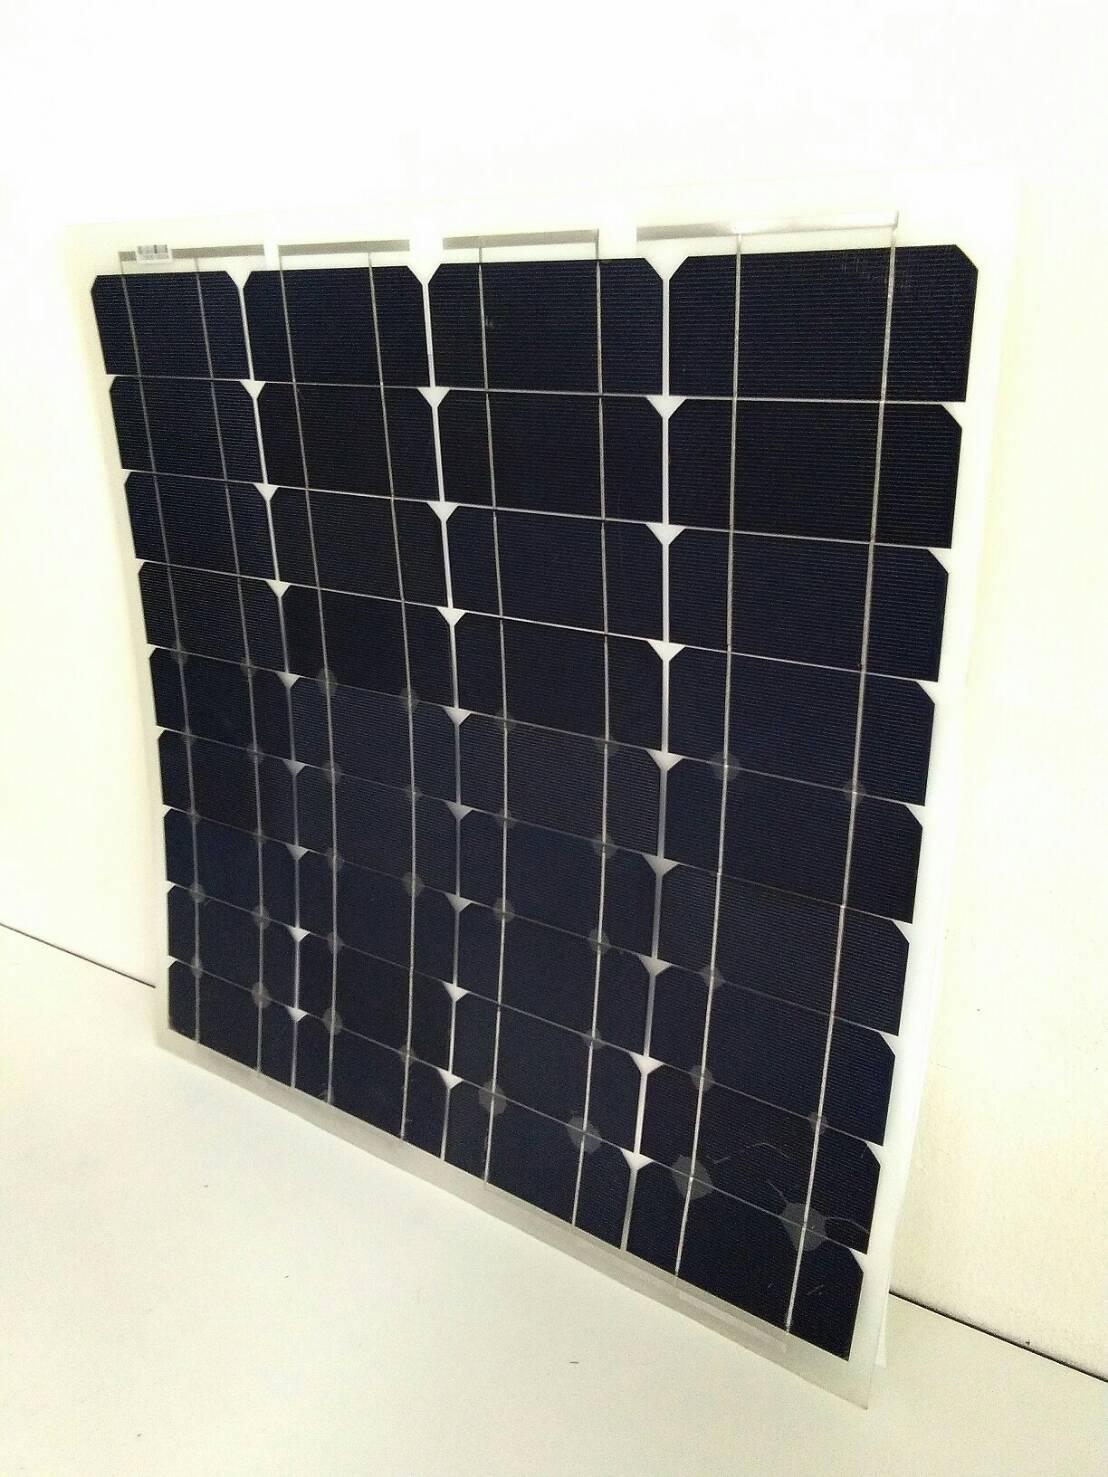 แผงโซล่าเซลล์ ชนิด Mono-Crystalline ขนาด 50W แบบโค้งงอได้ Flexible Solar Panel